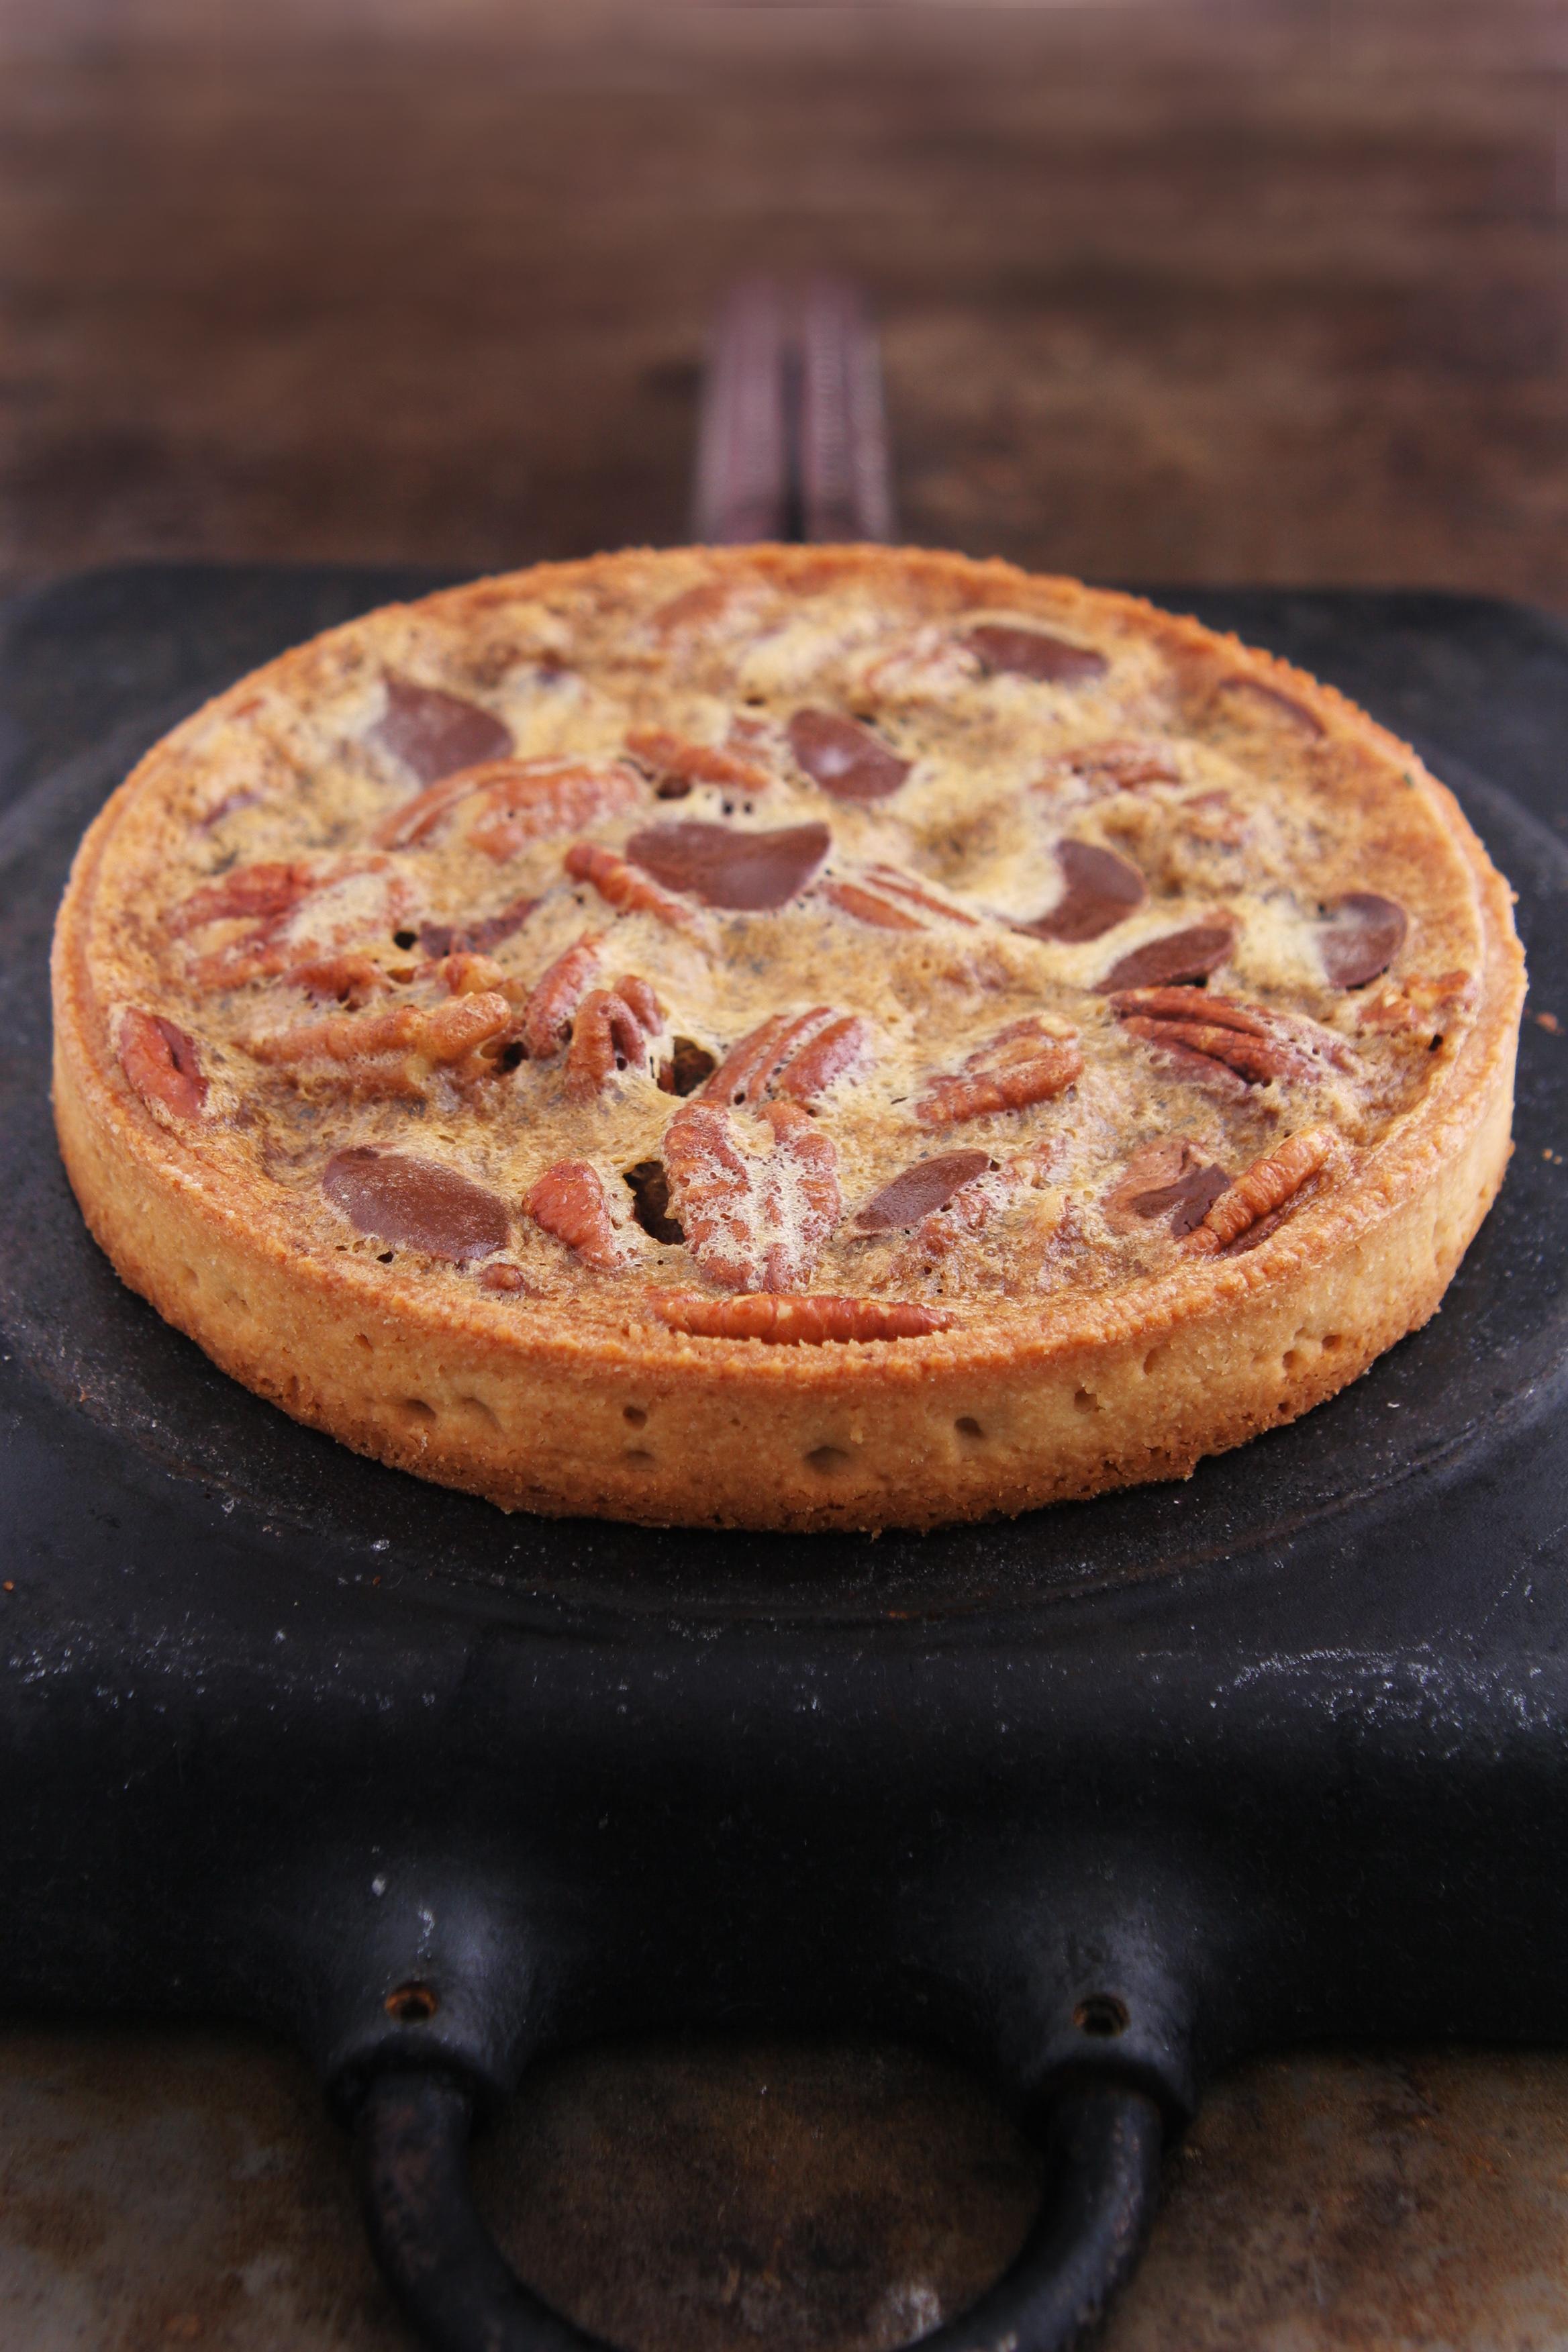 Chocolate Pecan Tart Chef Payard